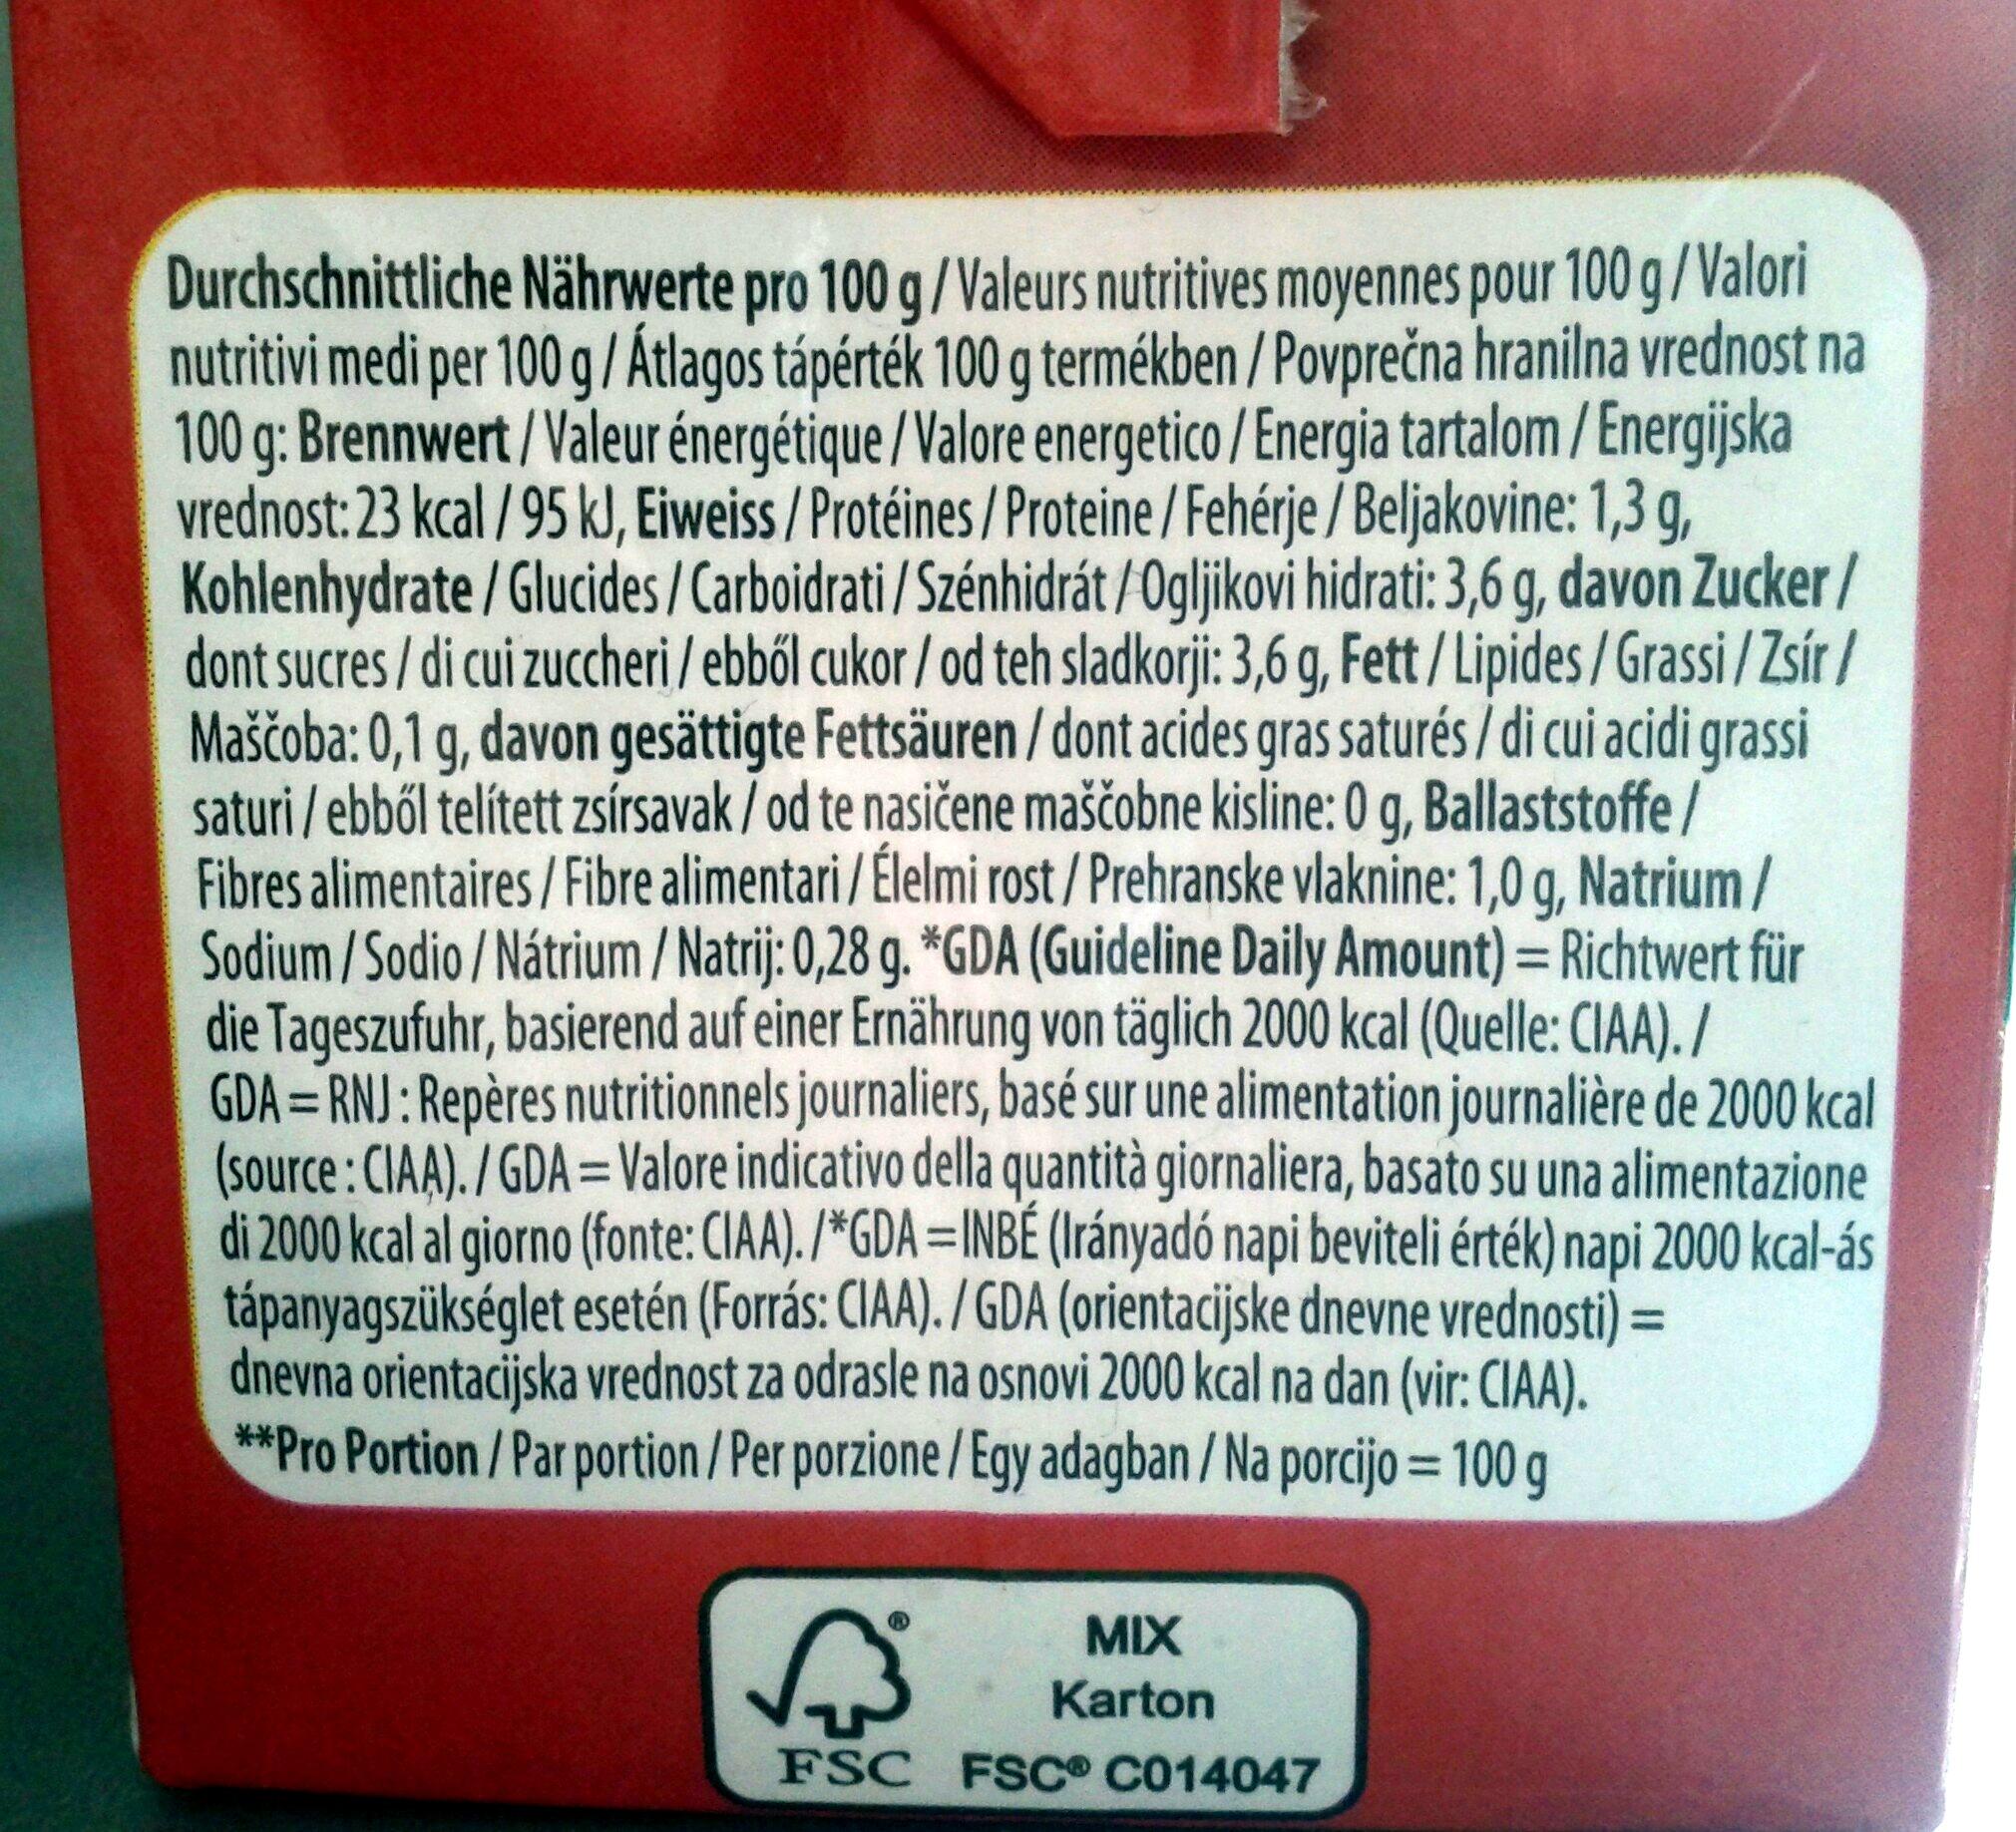 Avellanas tostadas - Voedingswaarden - de